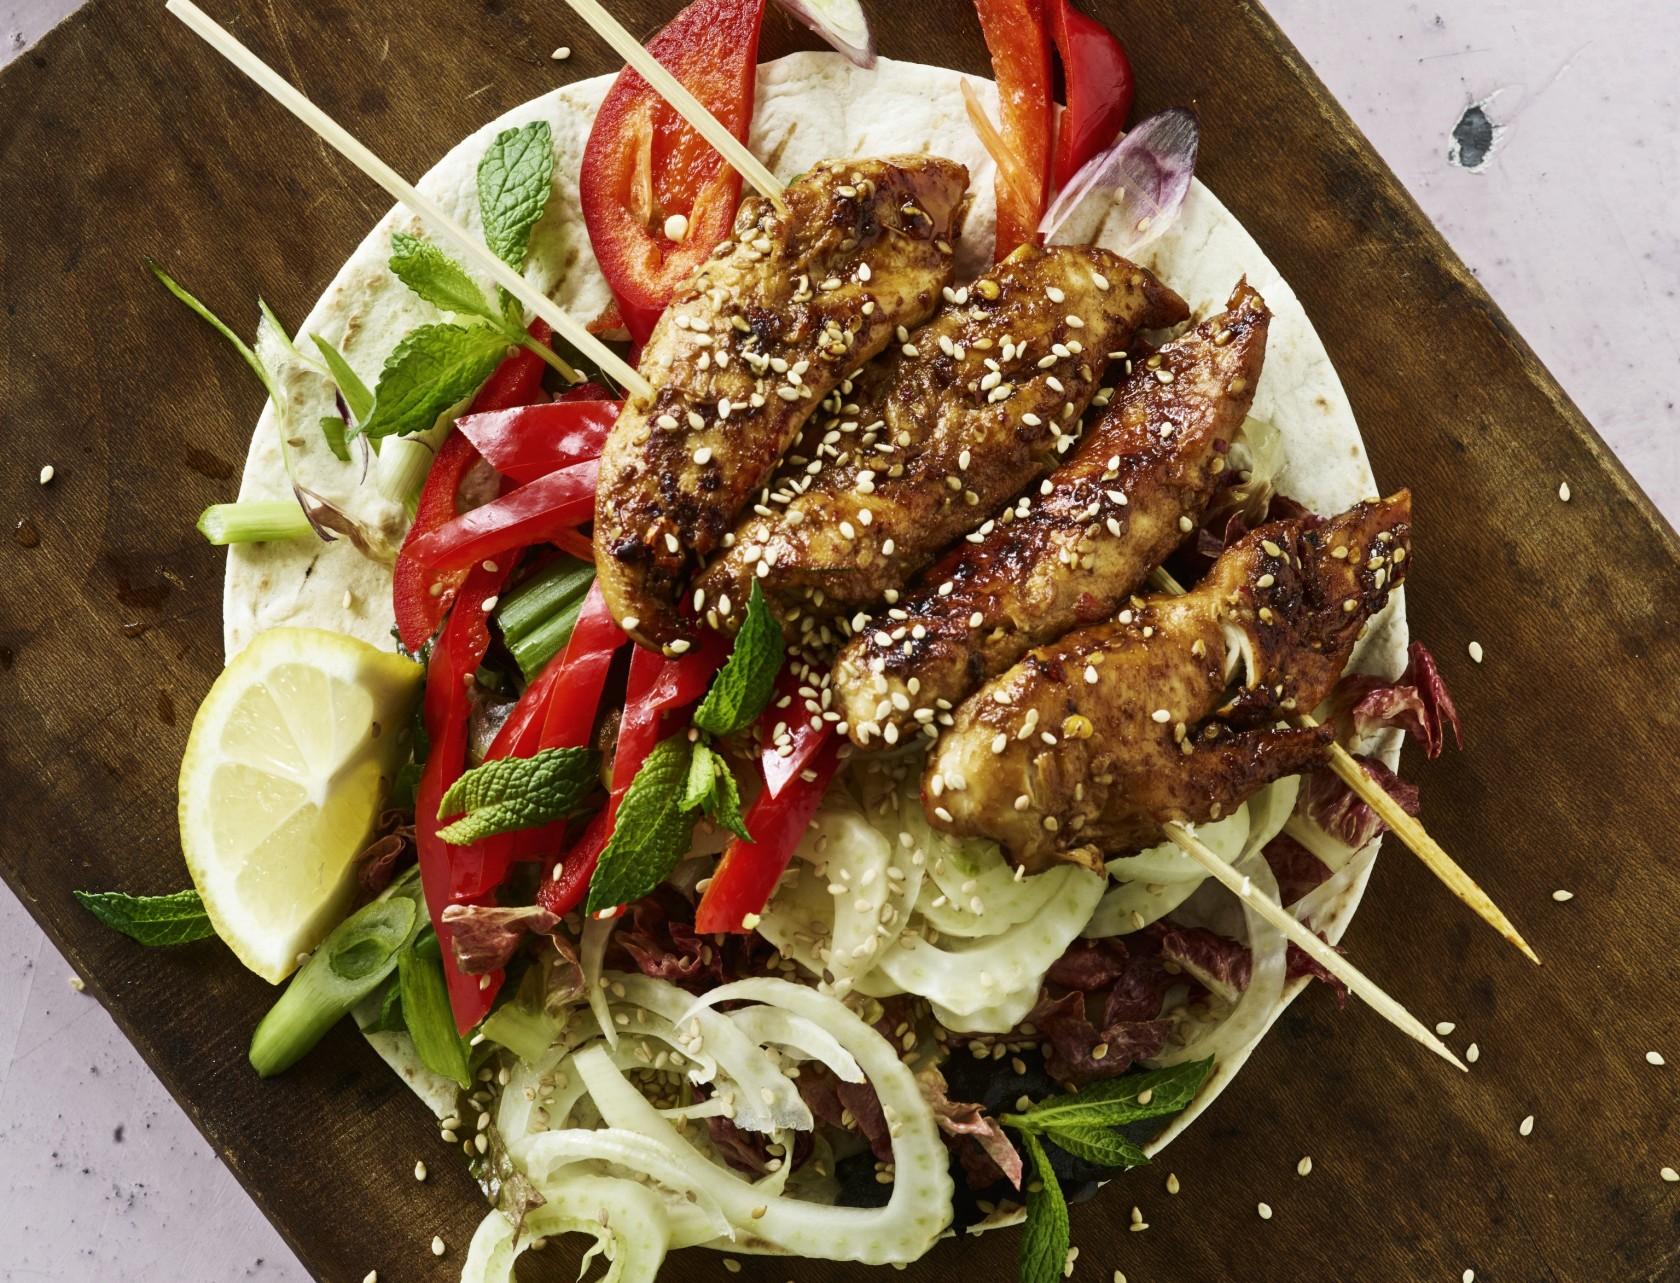 Kyllingekebab med fladbrød - lækker opskrift!